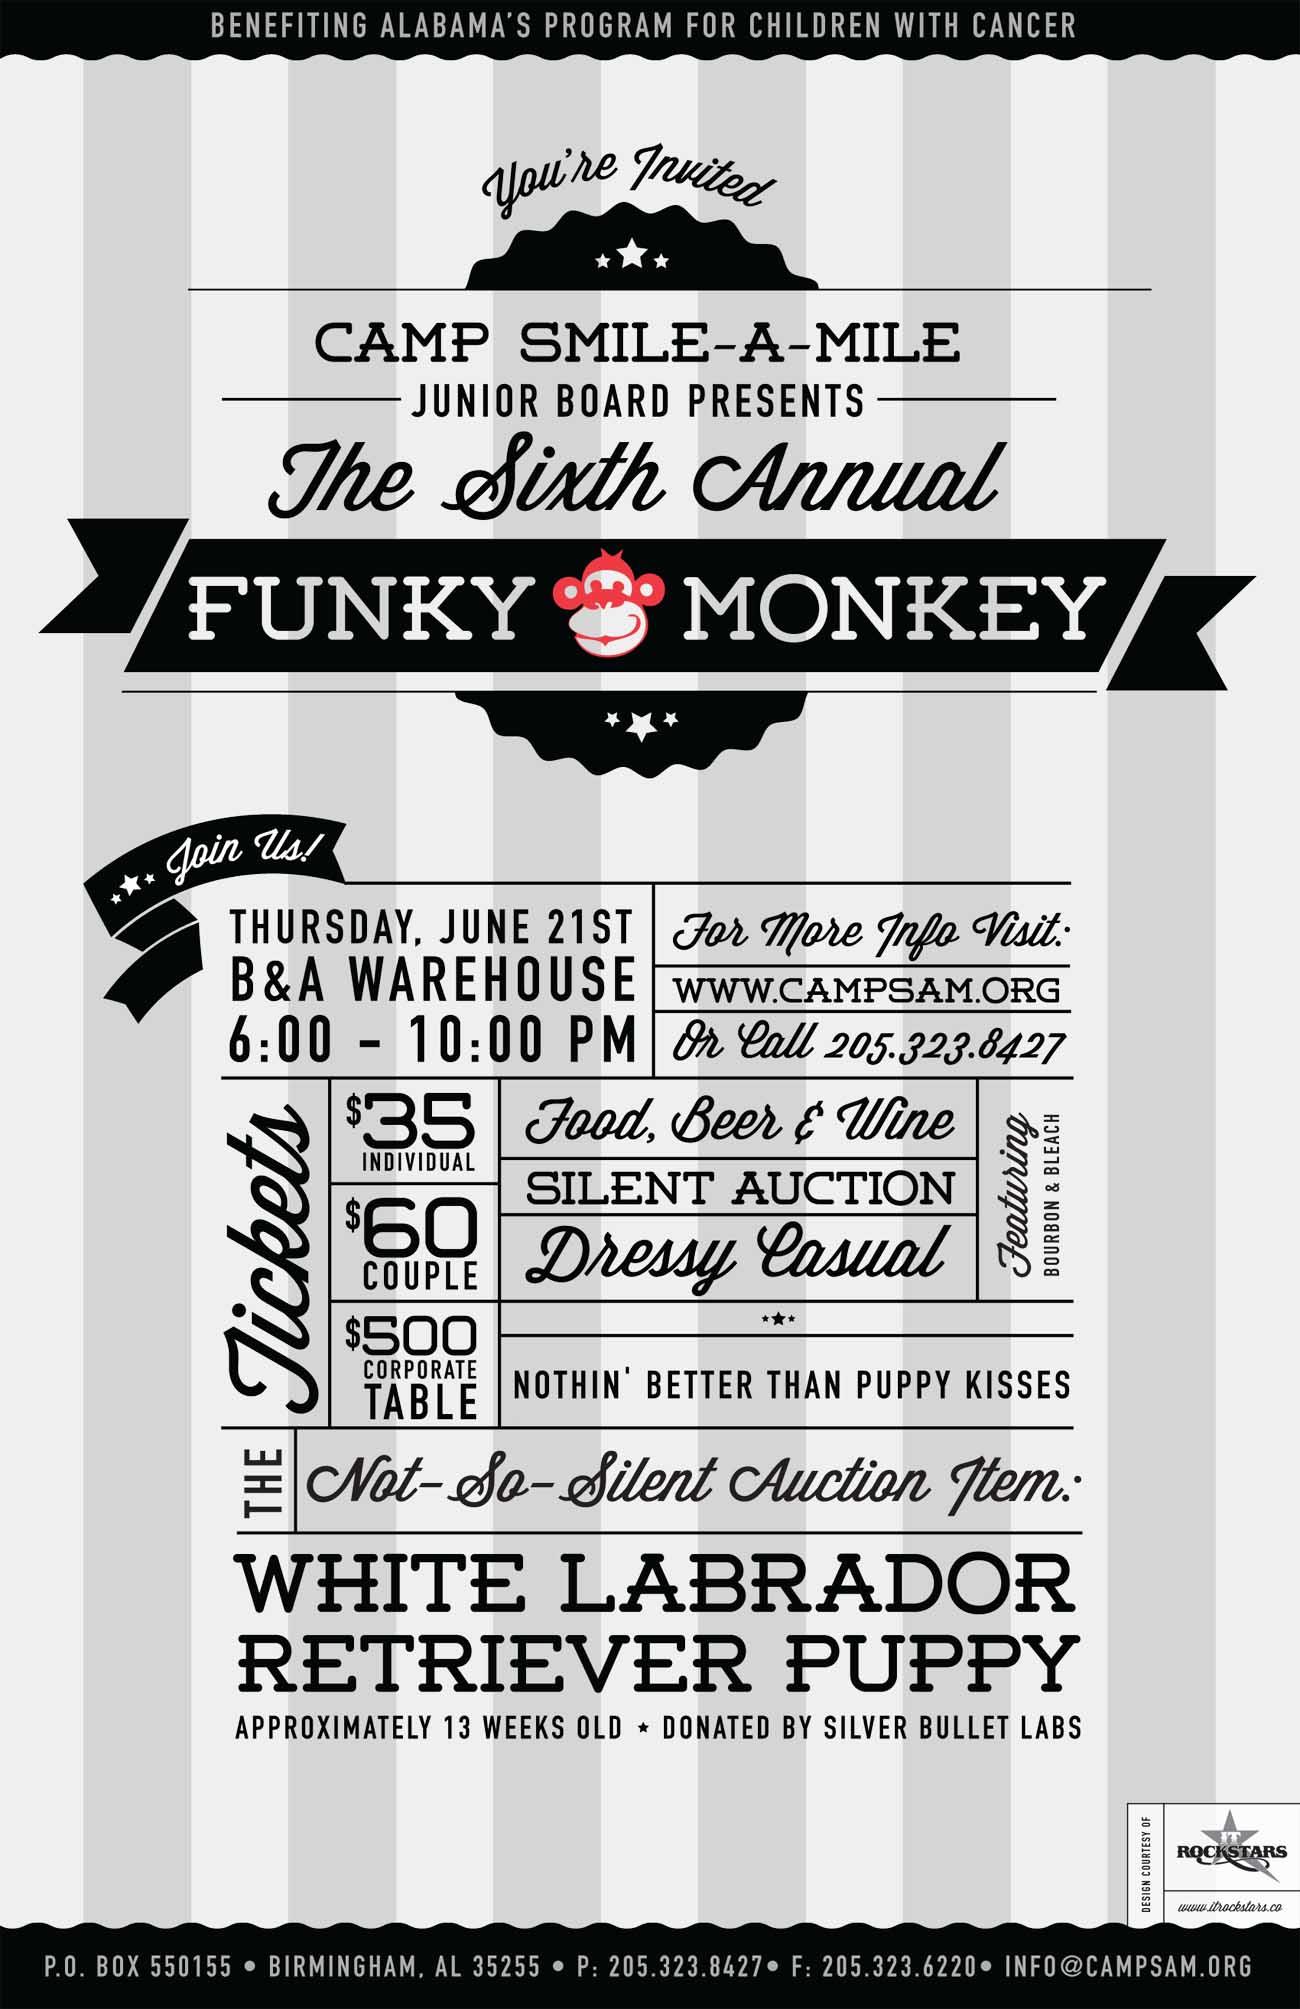 Funk Monkey Poster_V2